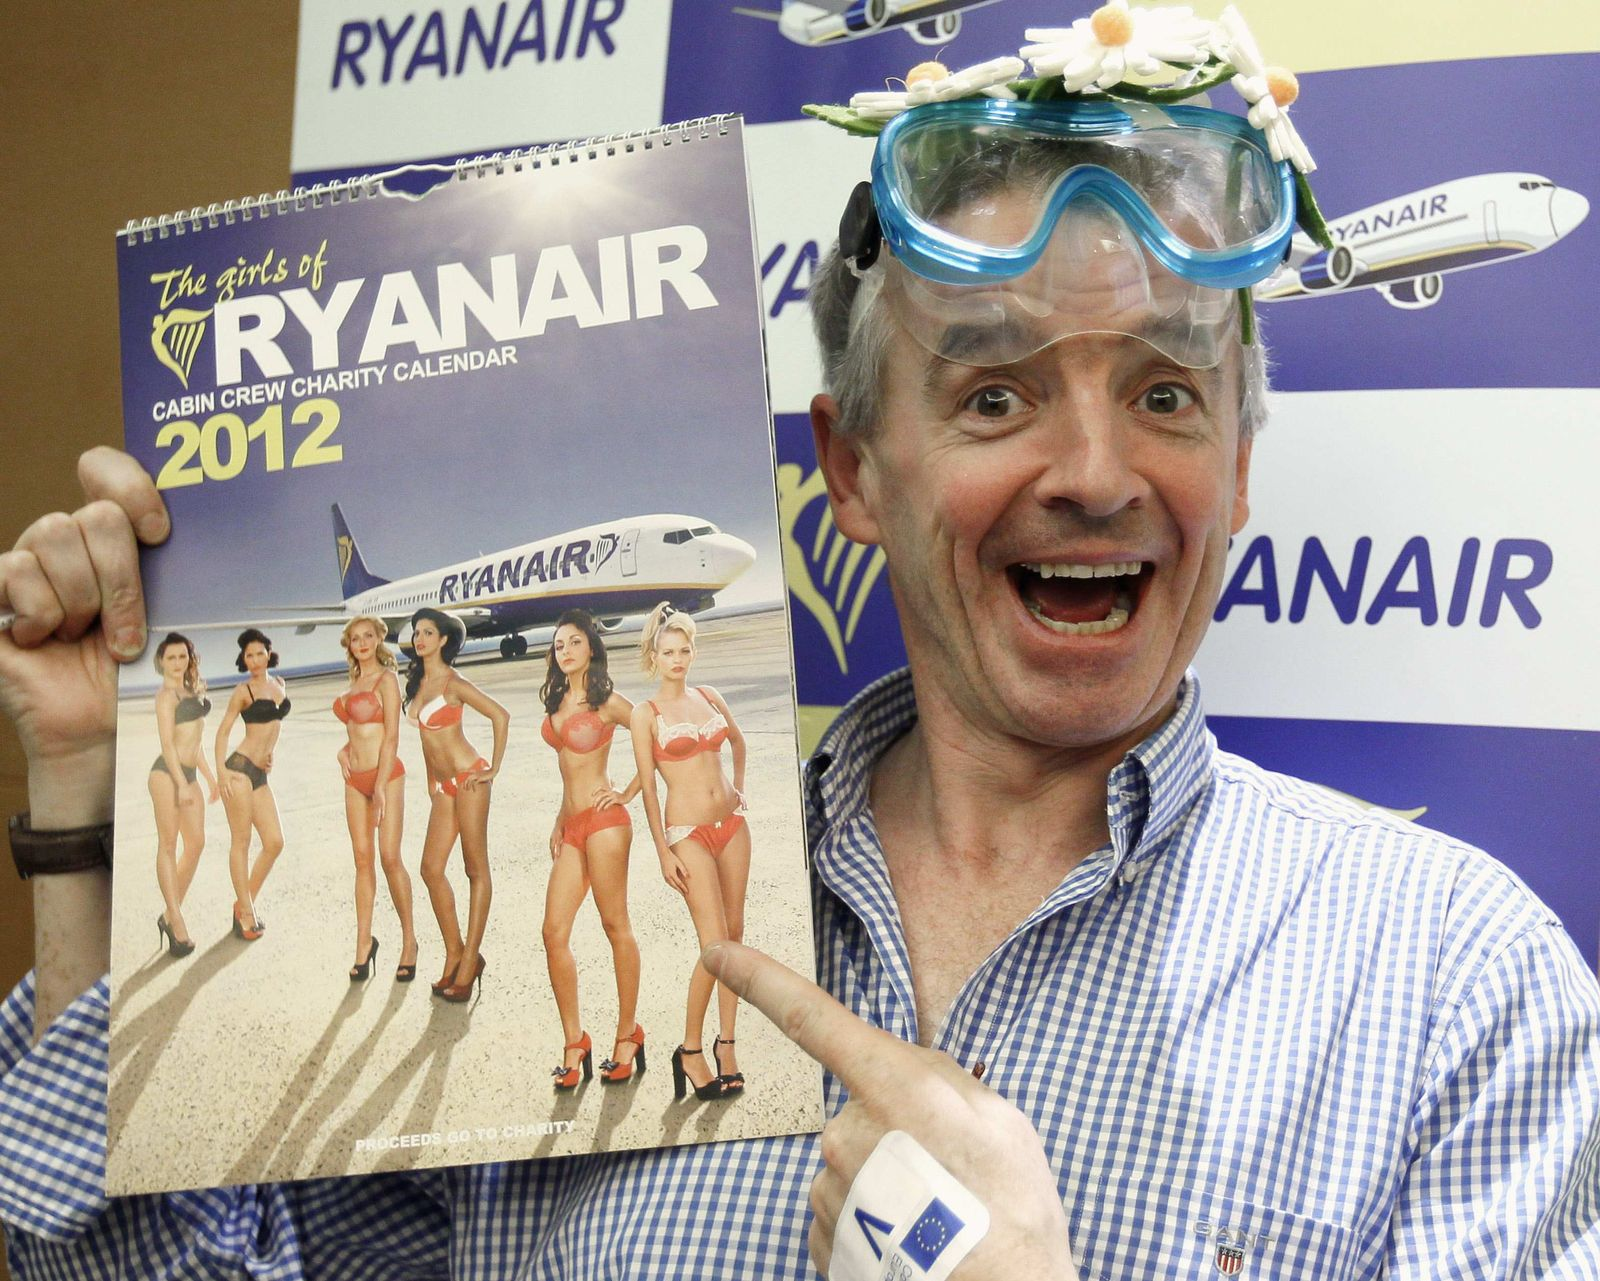 Ryanair / Michael OLeary / Kalender